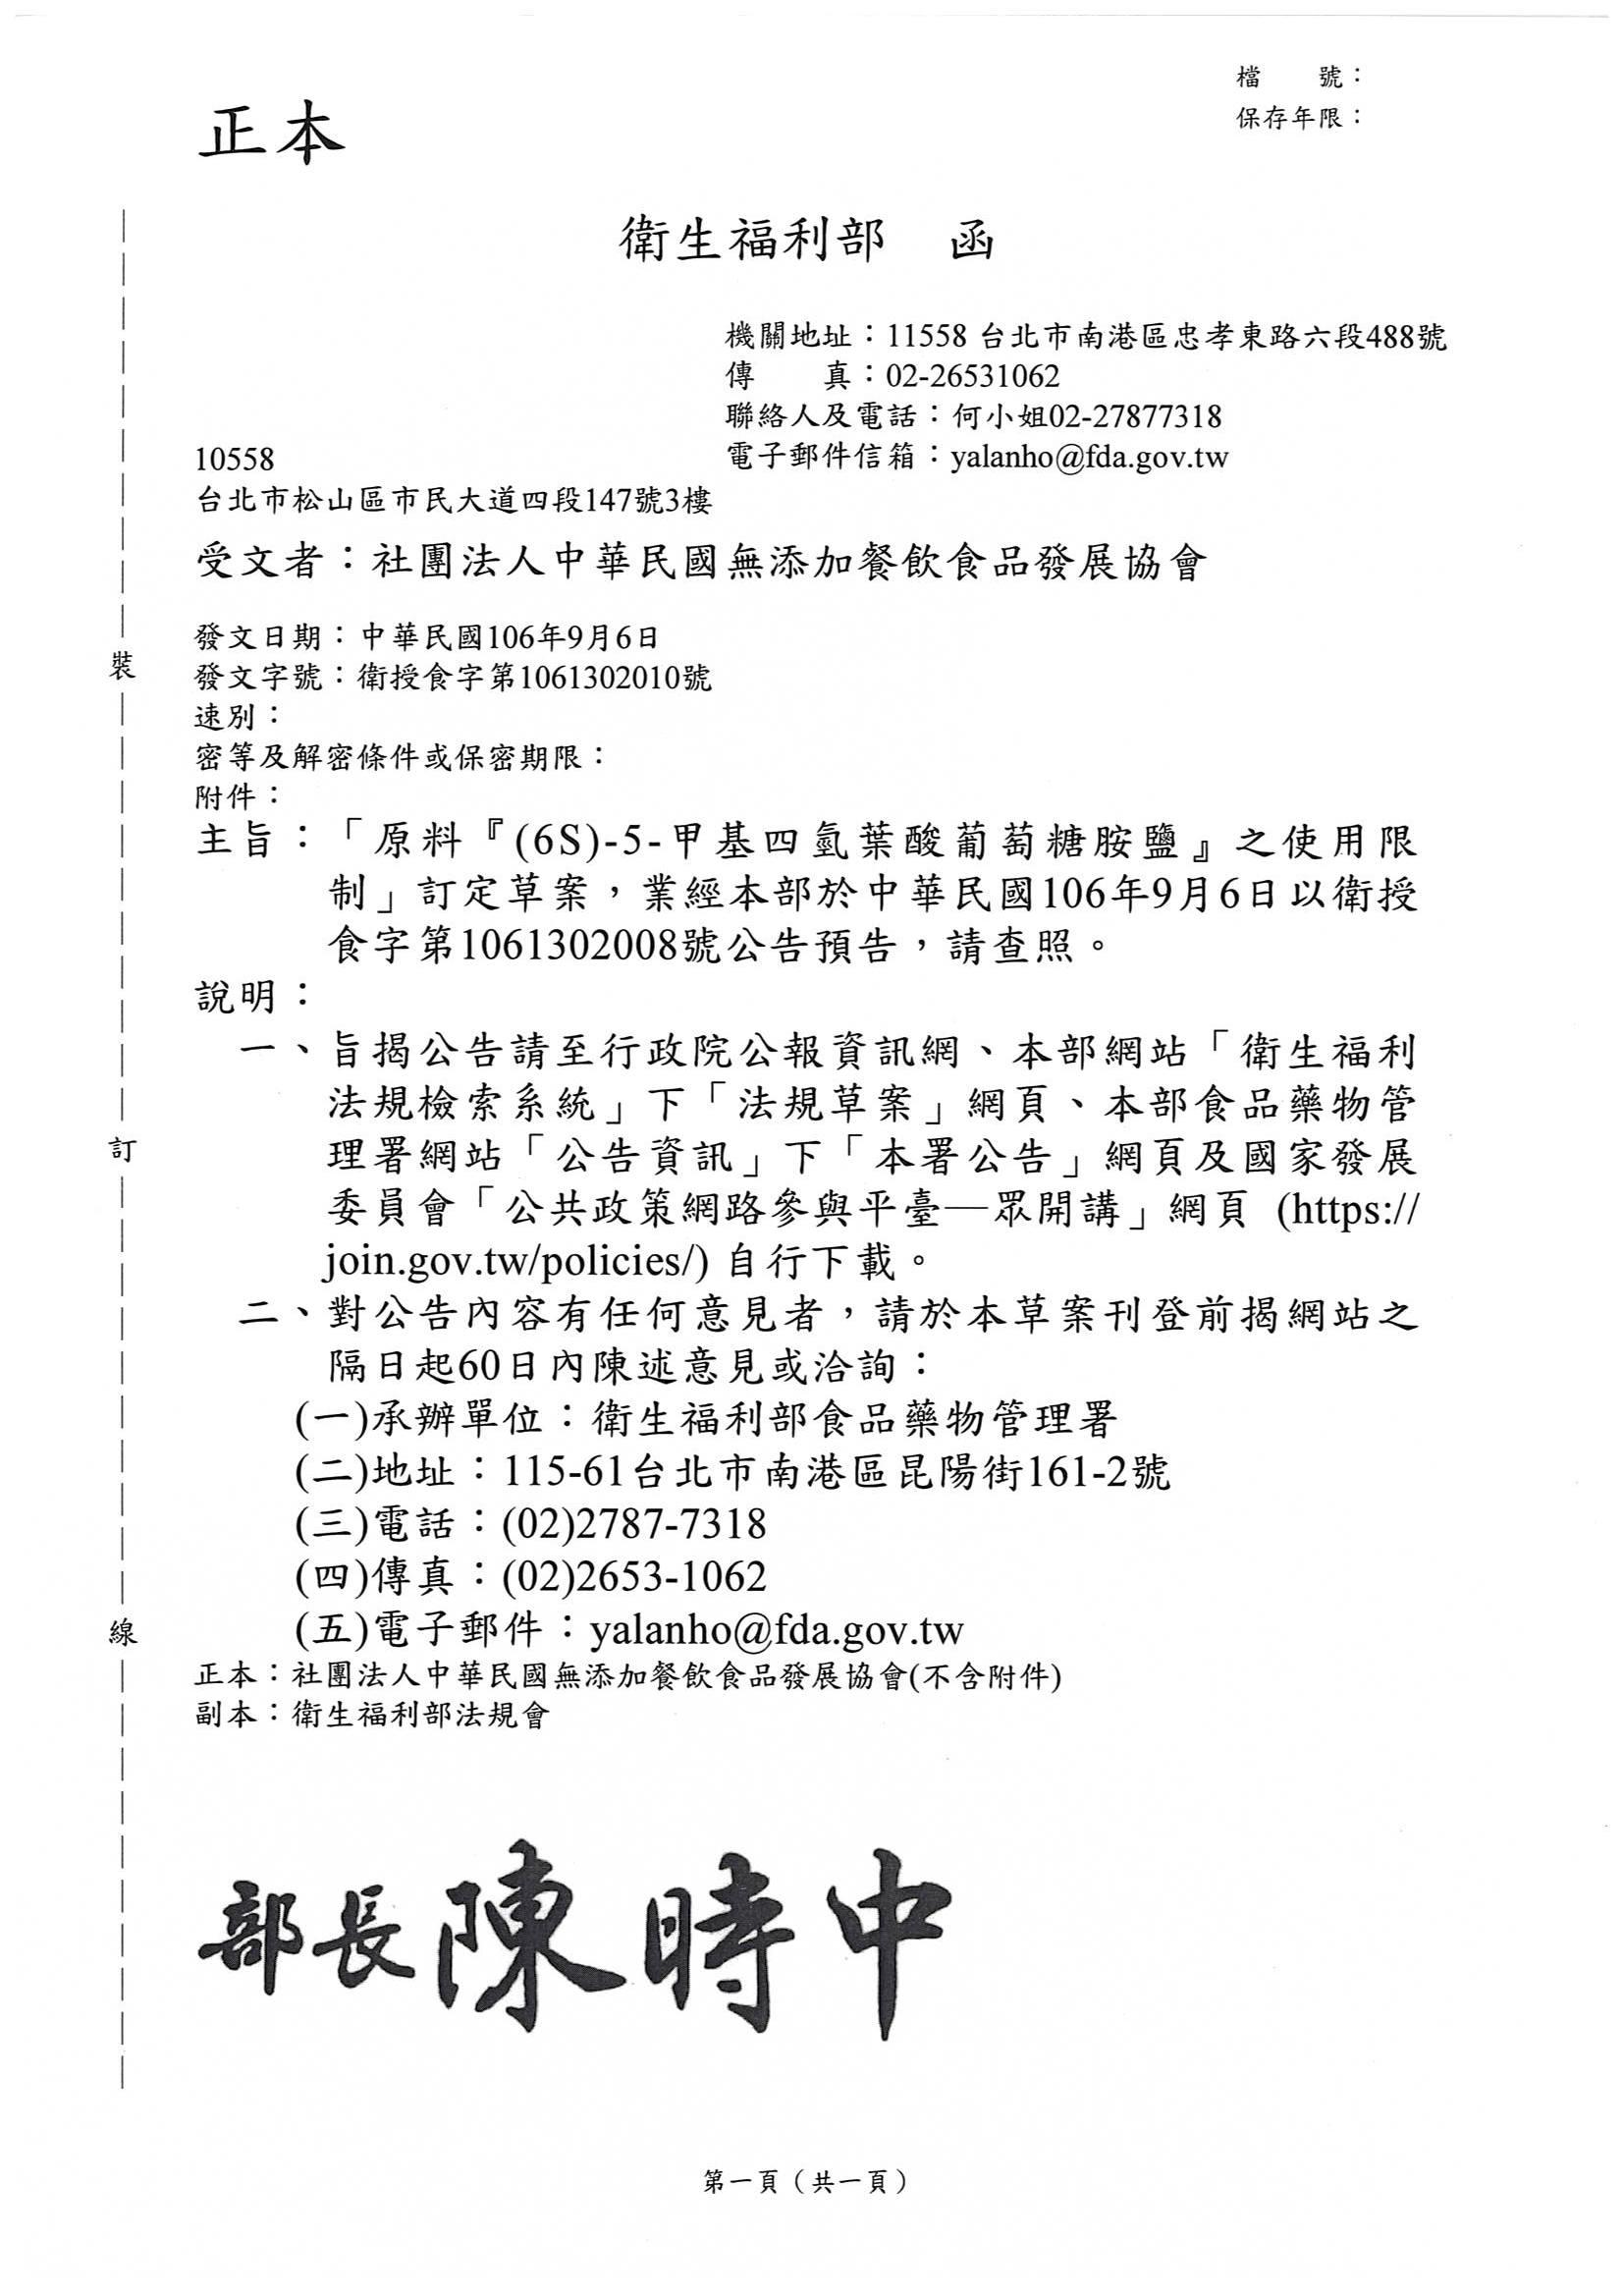 02010甲基四氫葉酸葡萄糖胺鹽使用限制.jpg